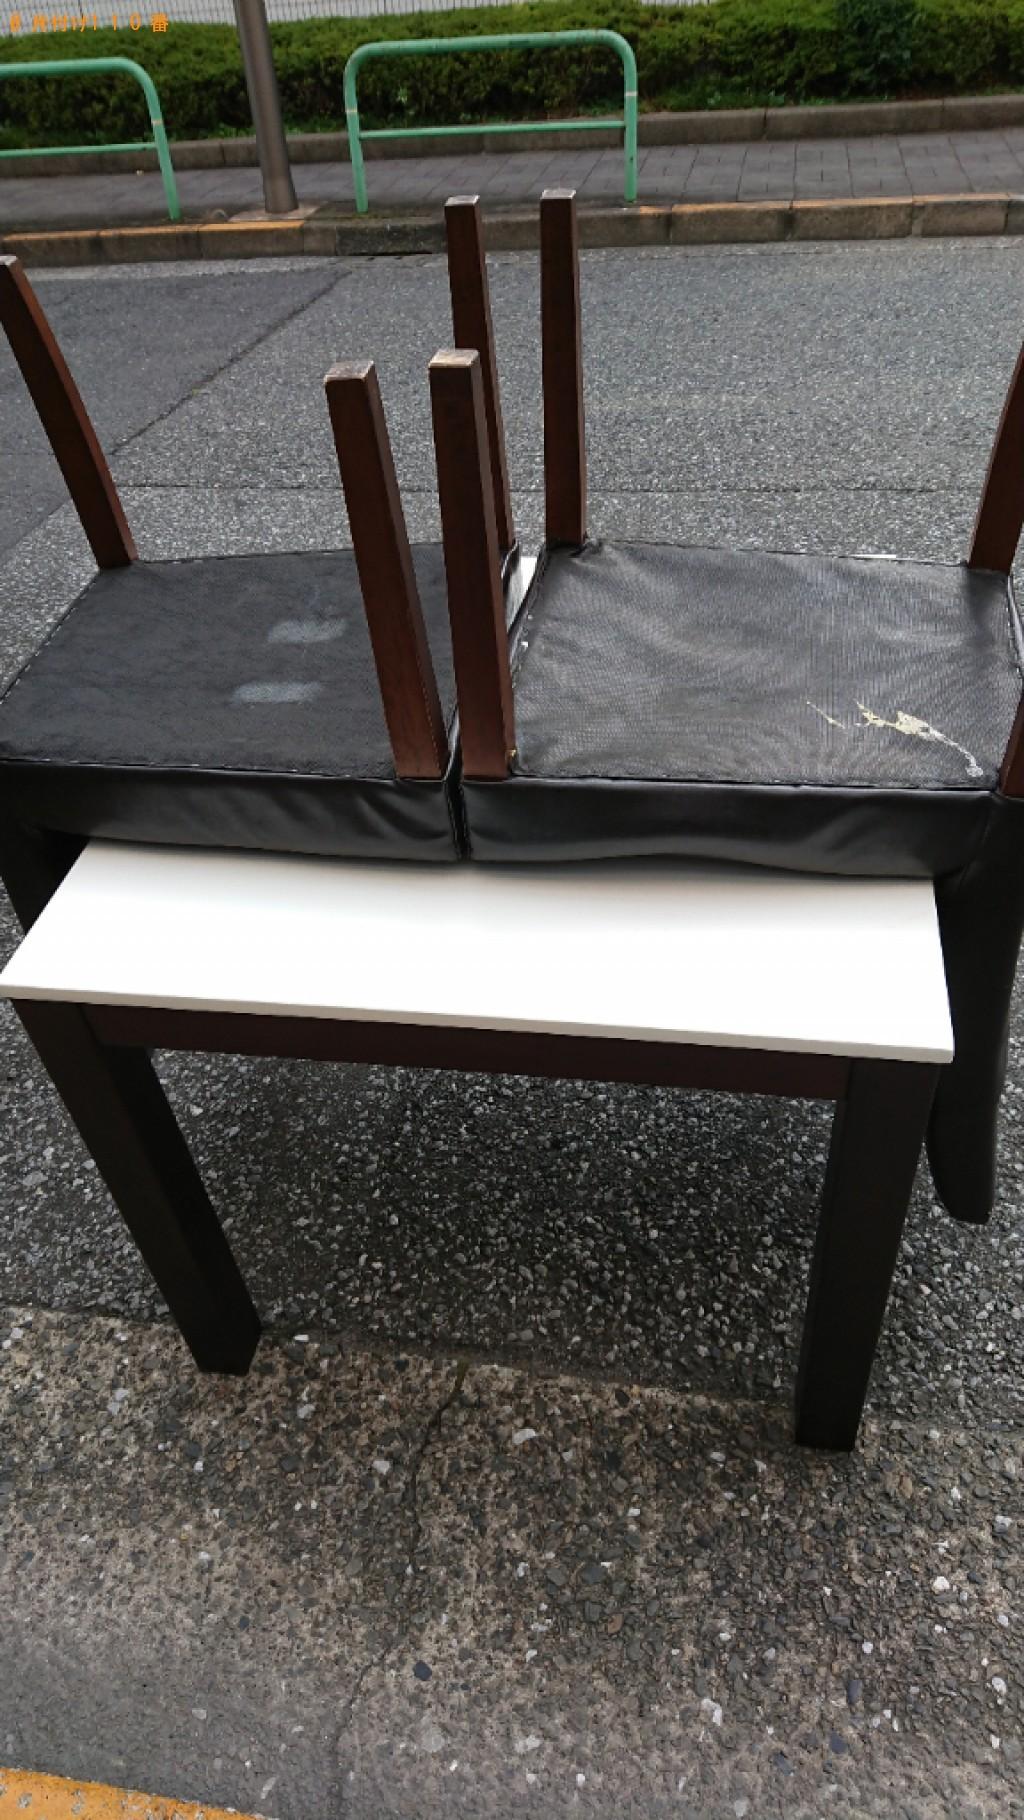 【江東区】二人用ダイニングテーブル、椅子の回収・処分ご依頼